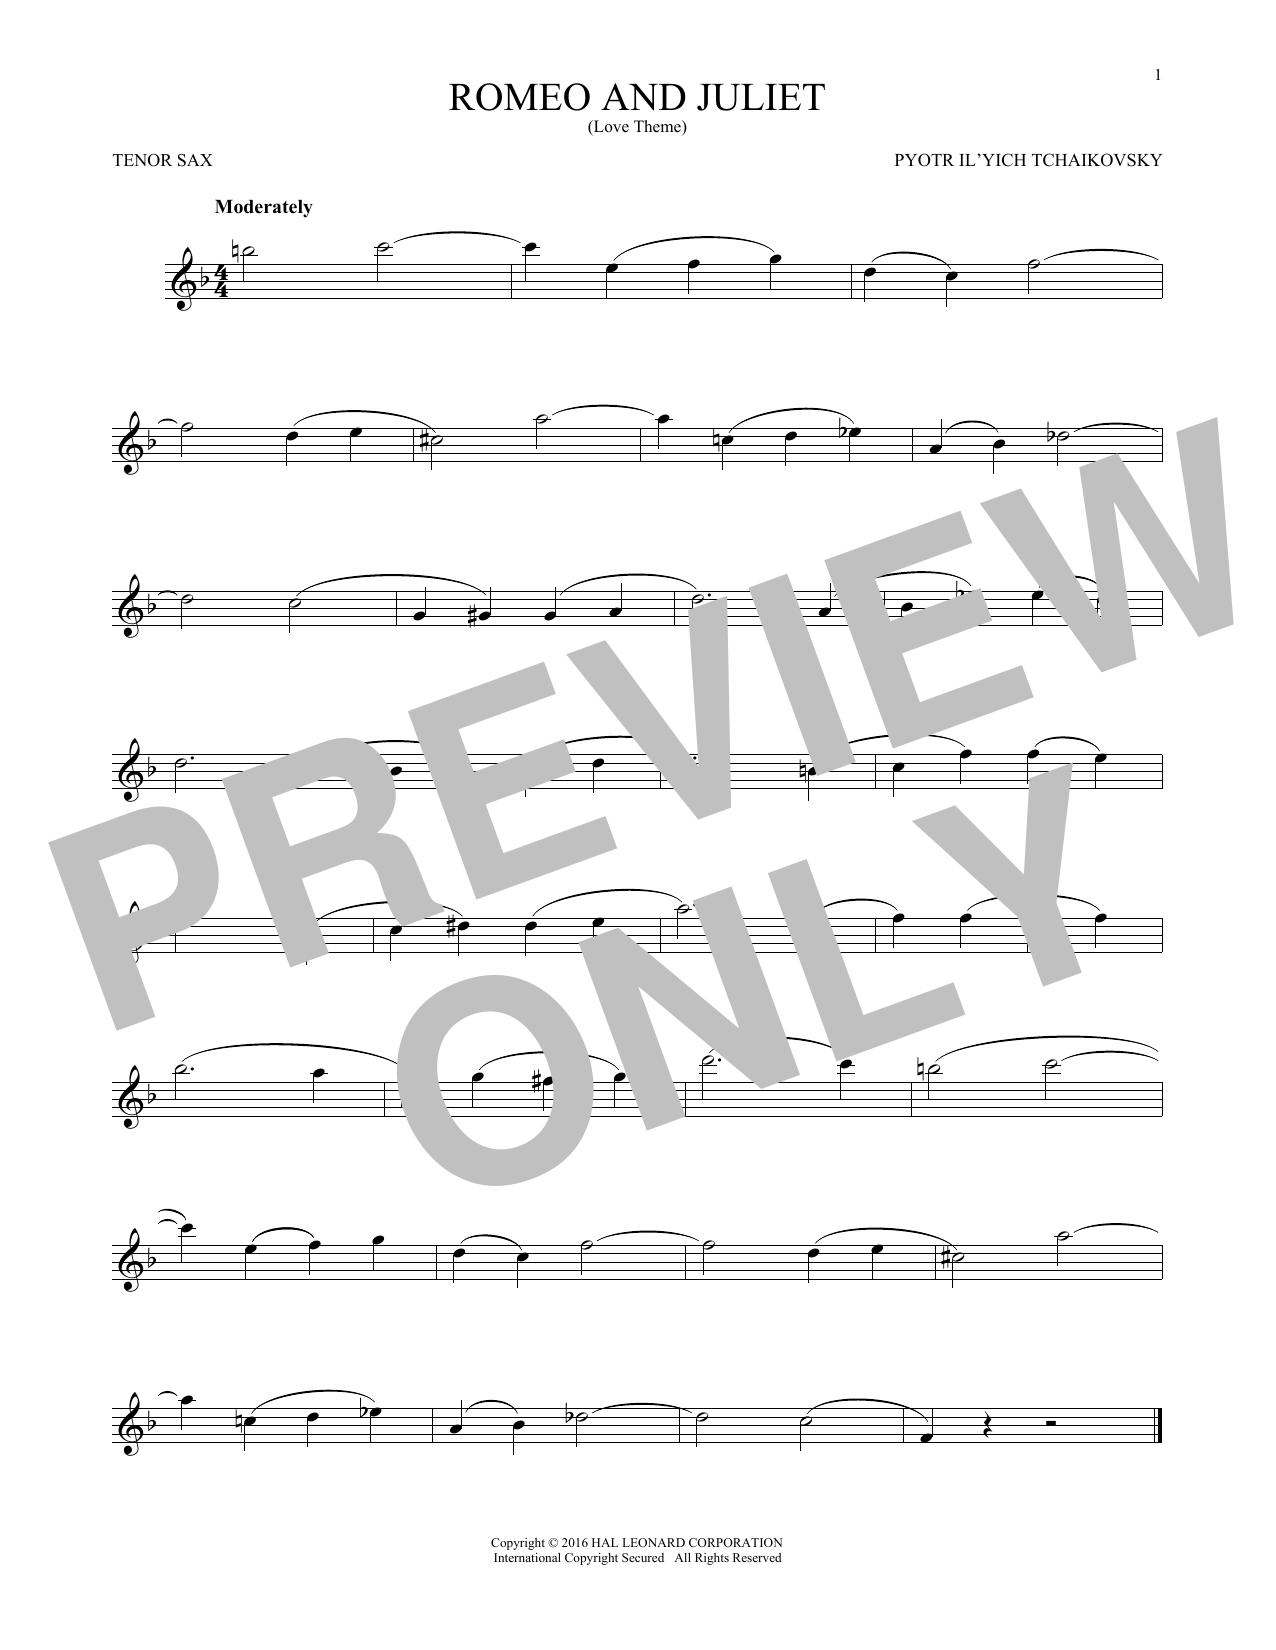 Romeo And Juliet (Love Theme) (Tenor Sax Solo)